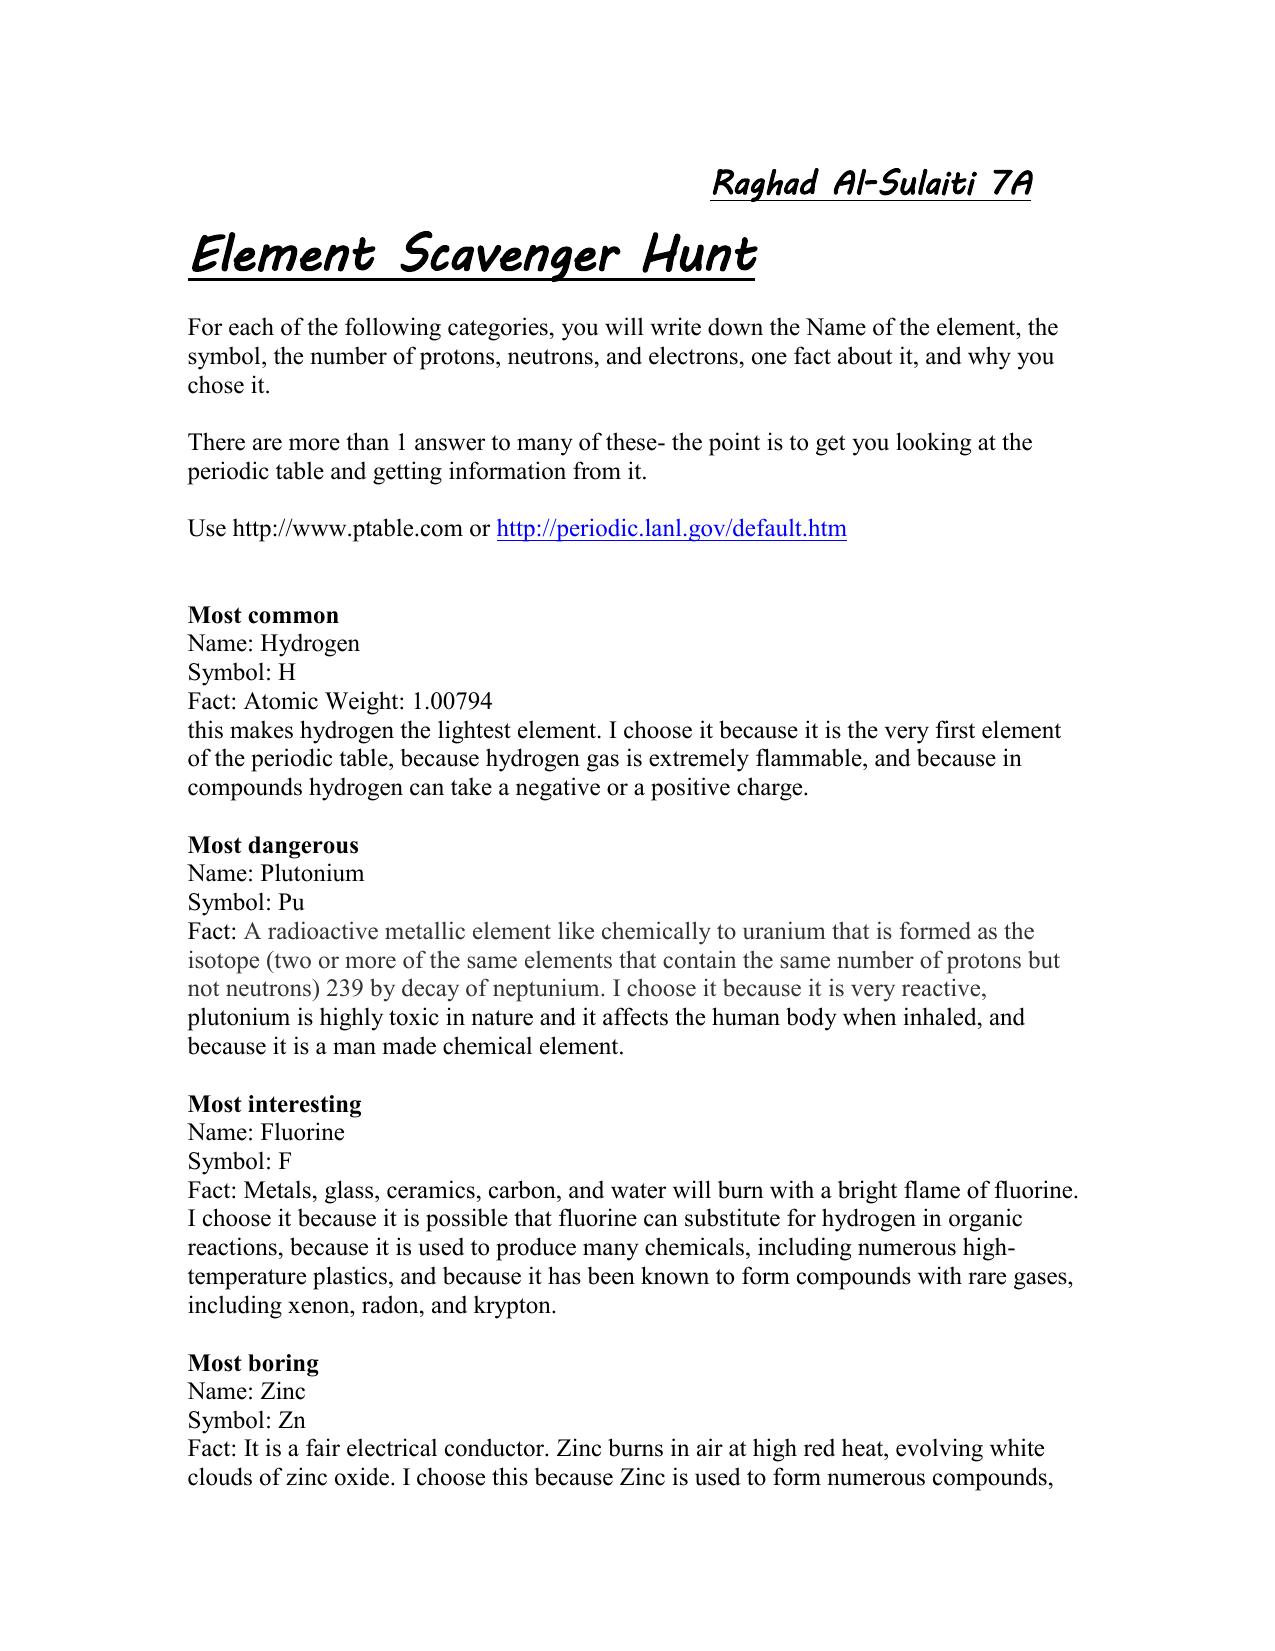 Element Scavenger Hunt